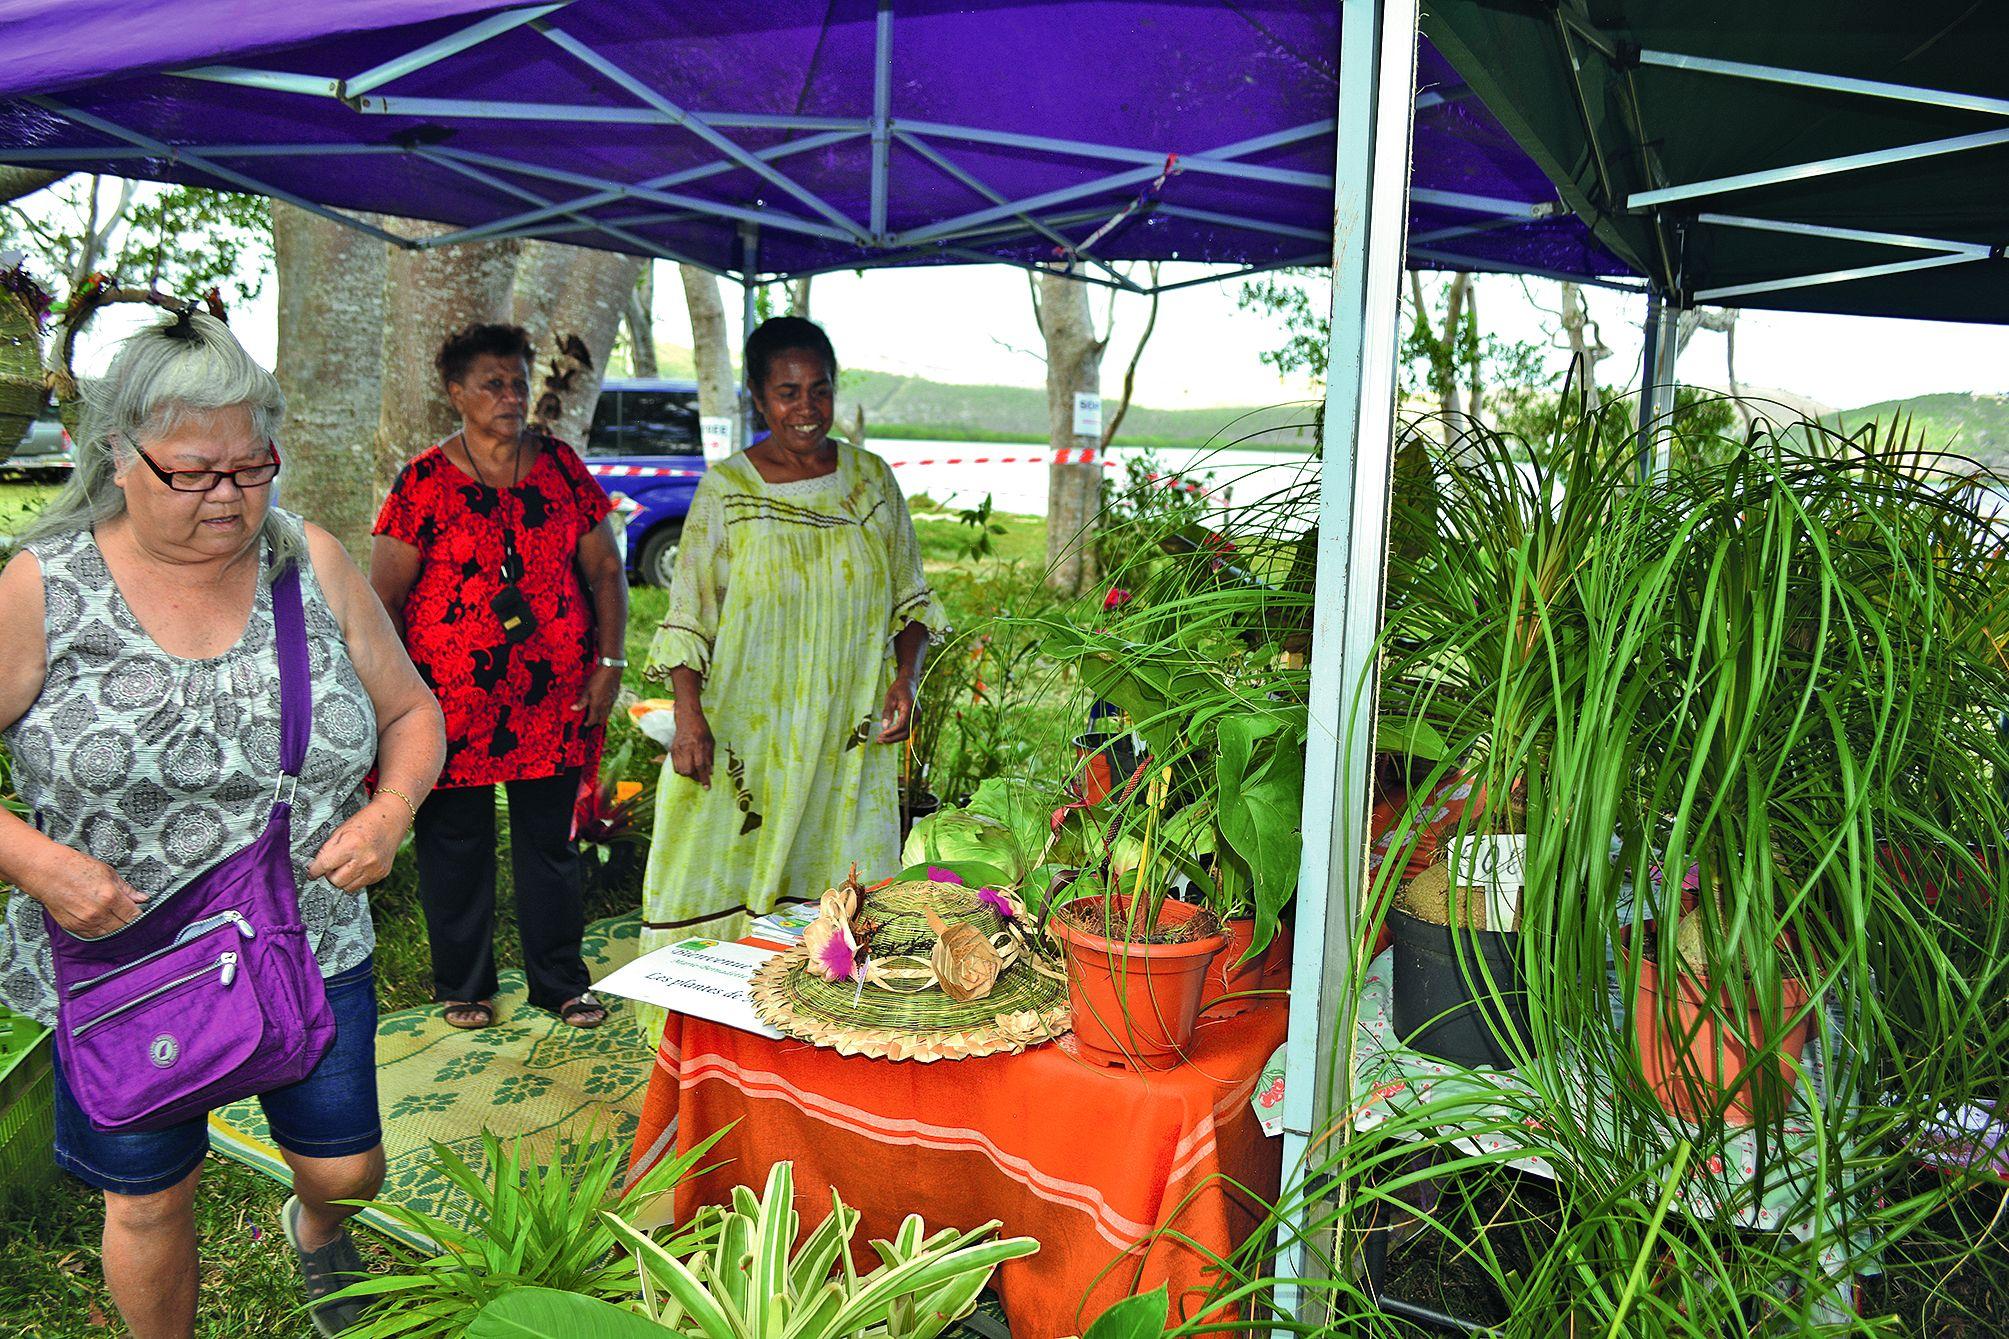 Plantes vertes et fleurs  ont, elles aussi, une grande place dans ce marché, ce  qui n'a pas été pour déplaire aux amoureux de la nature  en quête de nouveautés dans ce domaine.